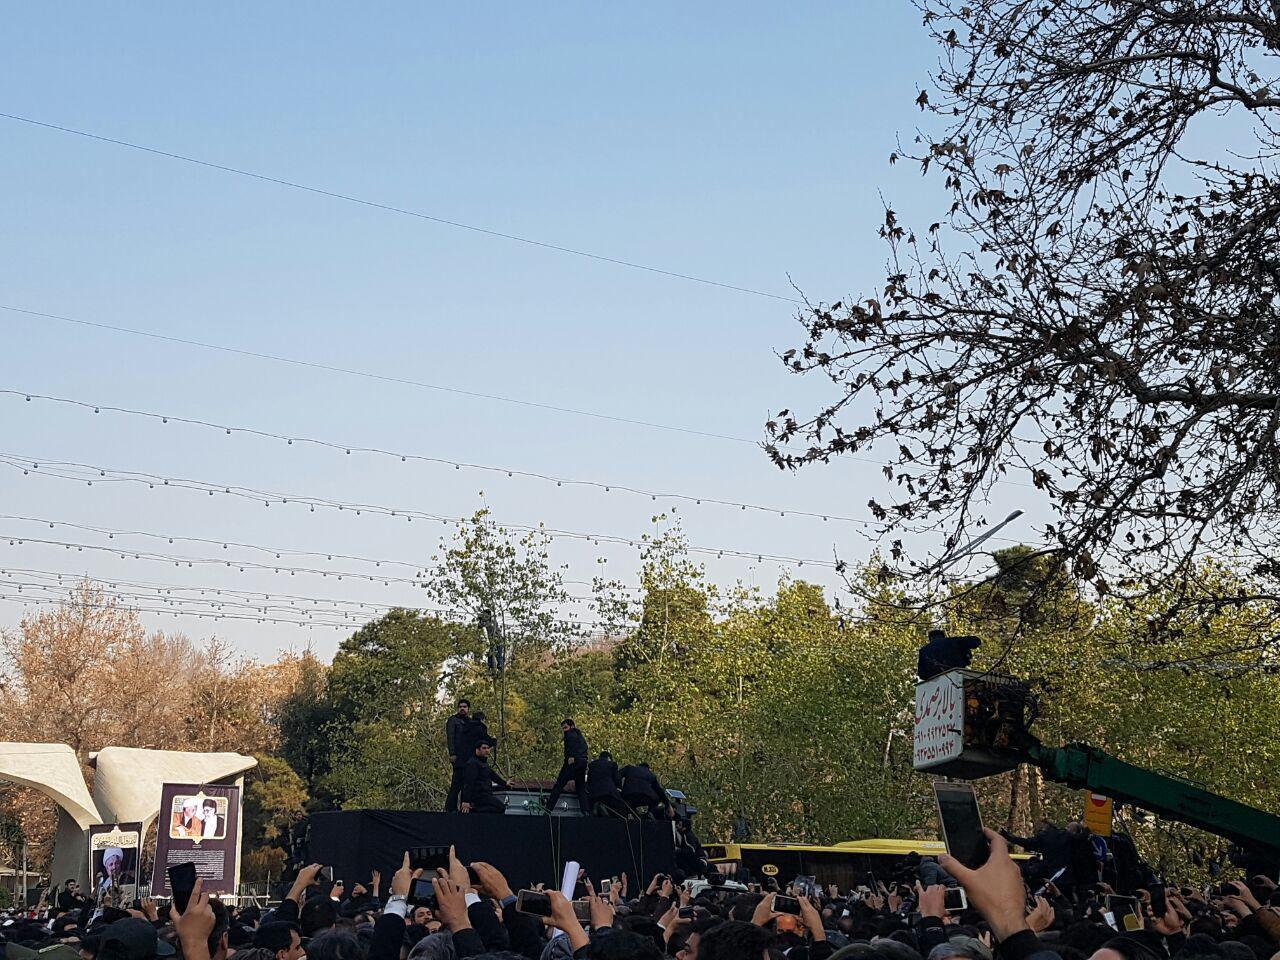 انتقال پیکر از جماران به دانشگاه تهران/ آغاز مراسم تشییع پیکر هاشمی رفسنجانی